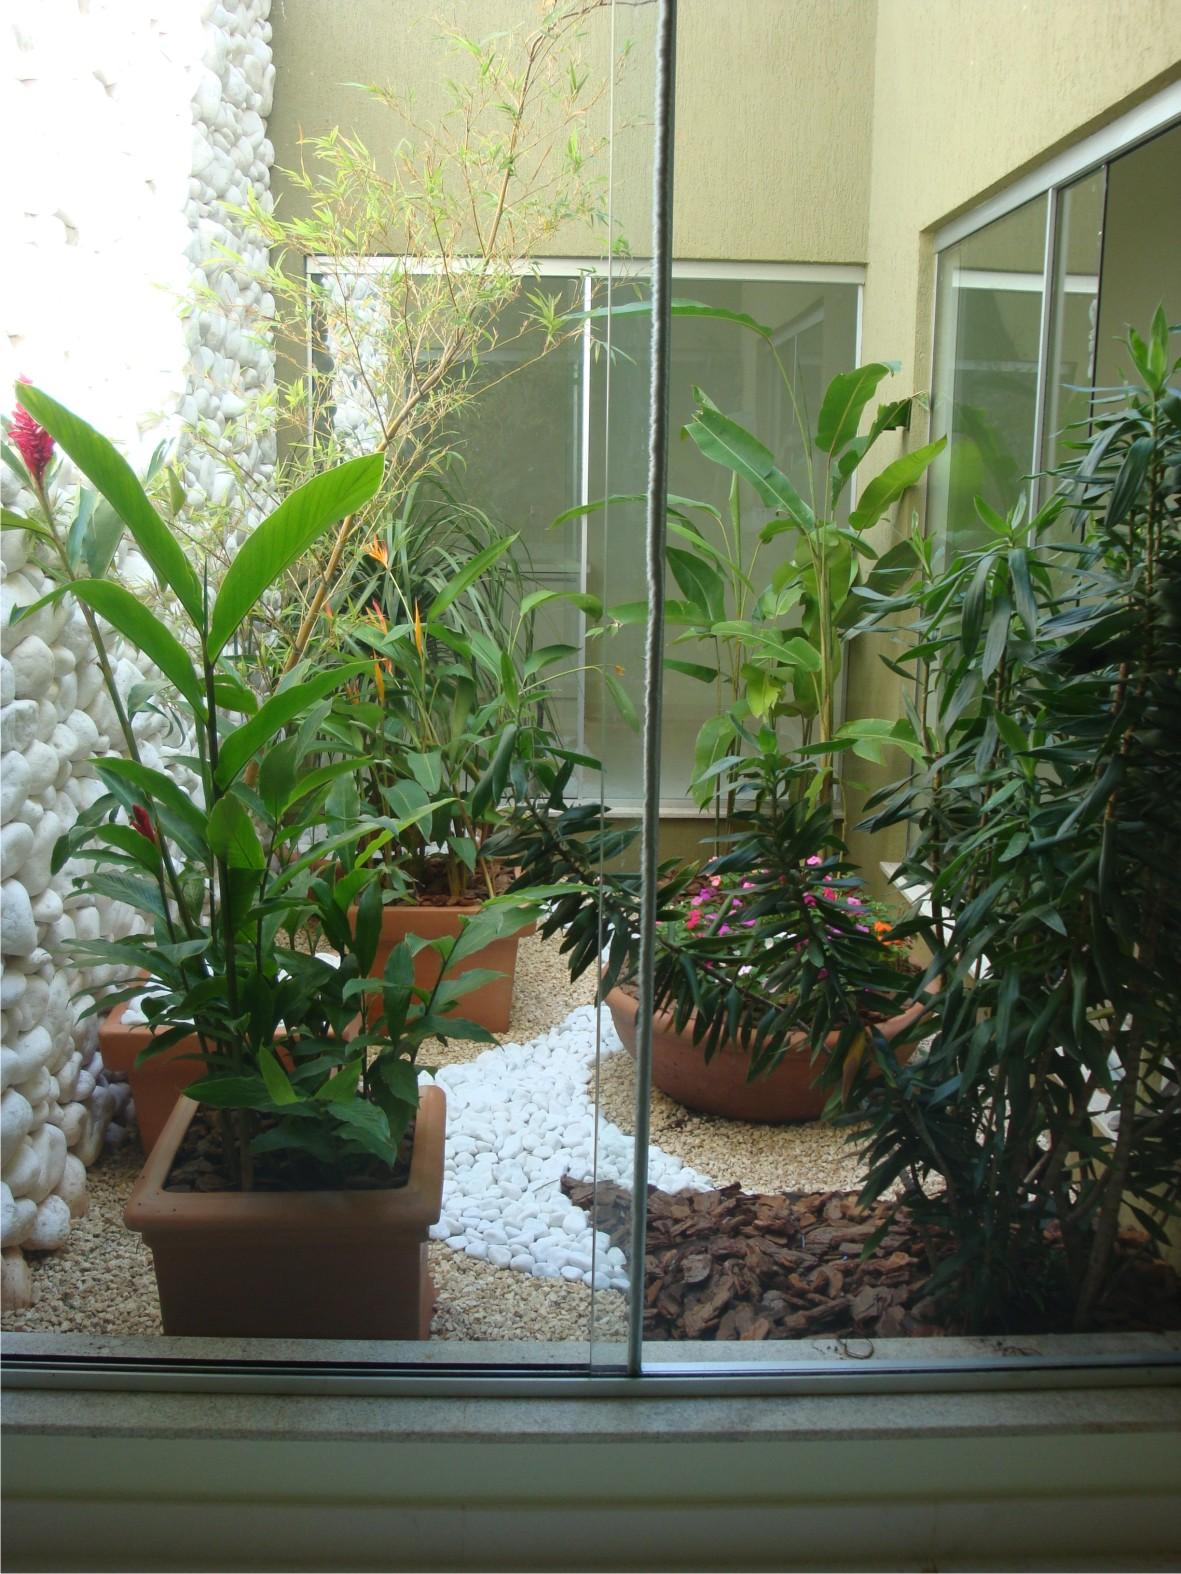 Jardins Pequenos  Residenciais, de Inverno  fotos -> Banheiro Pequeno Com Jardim De Inverno